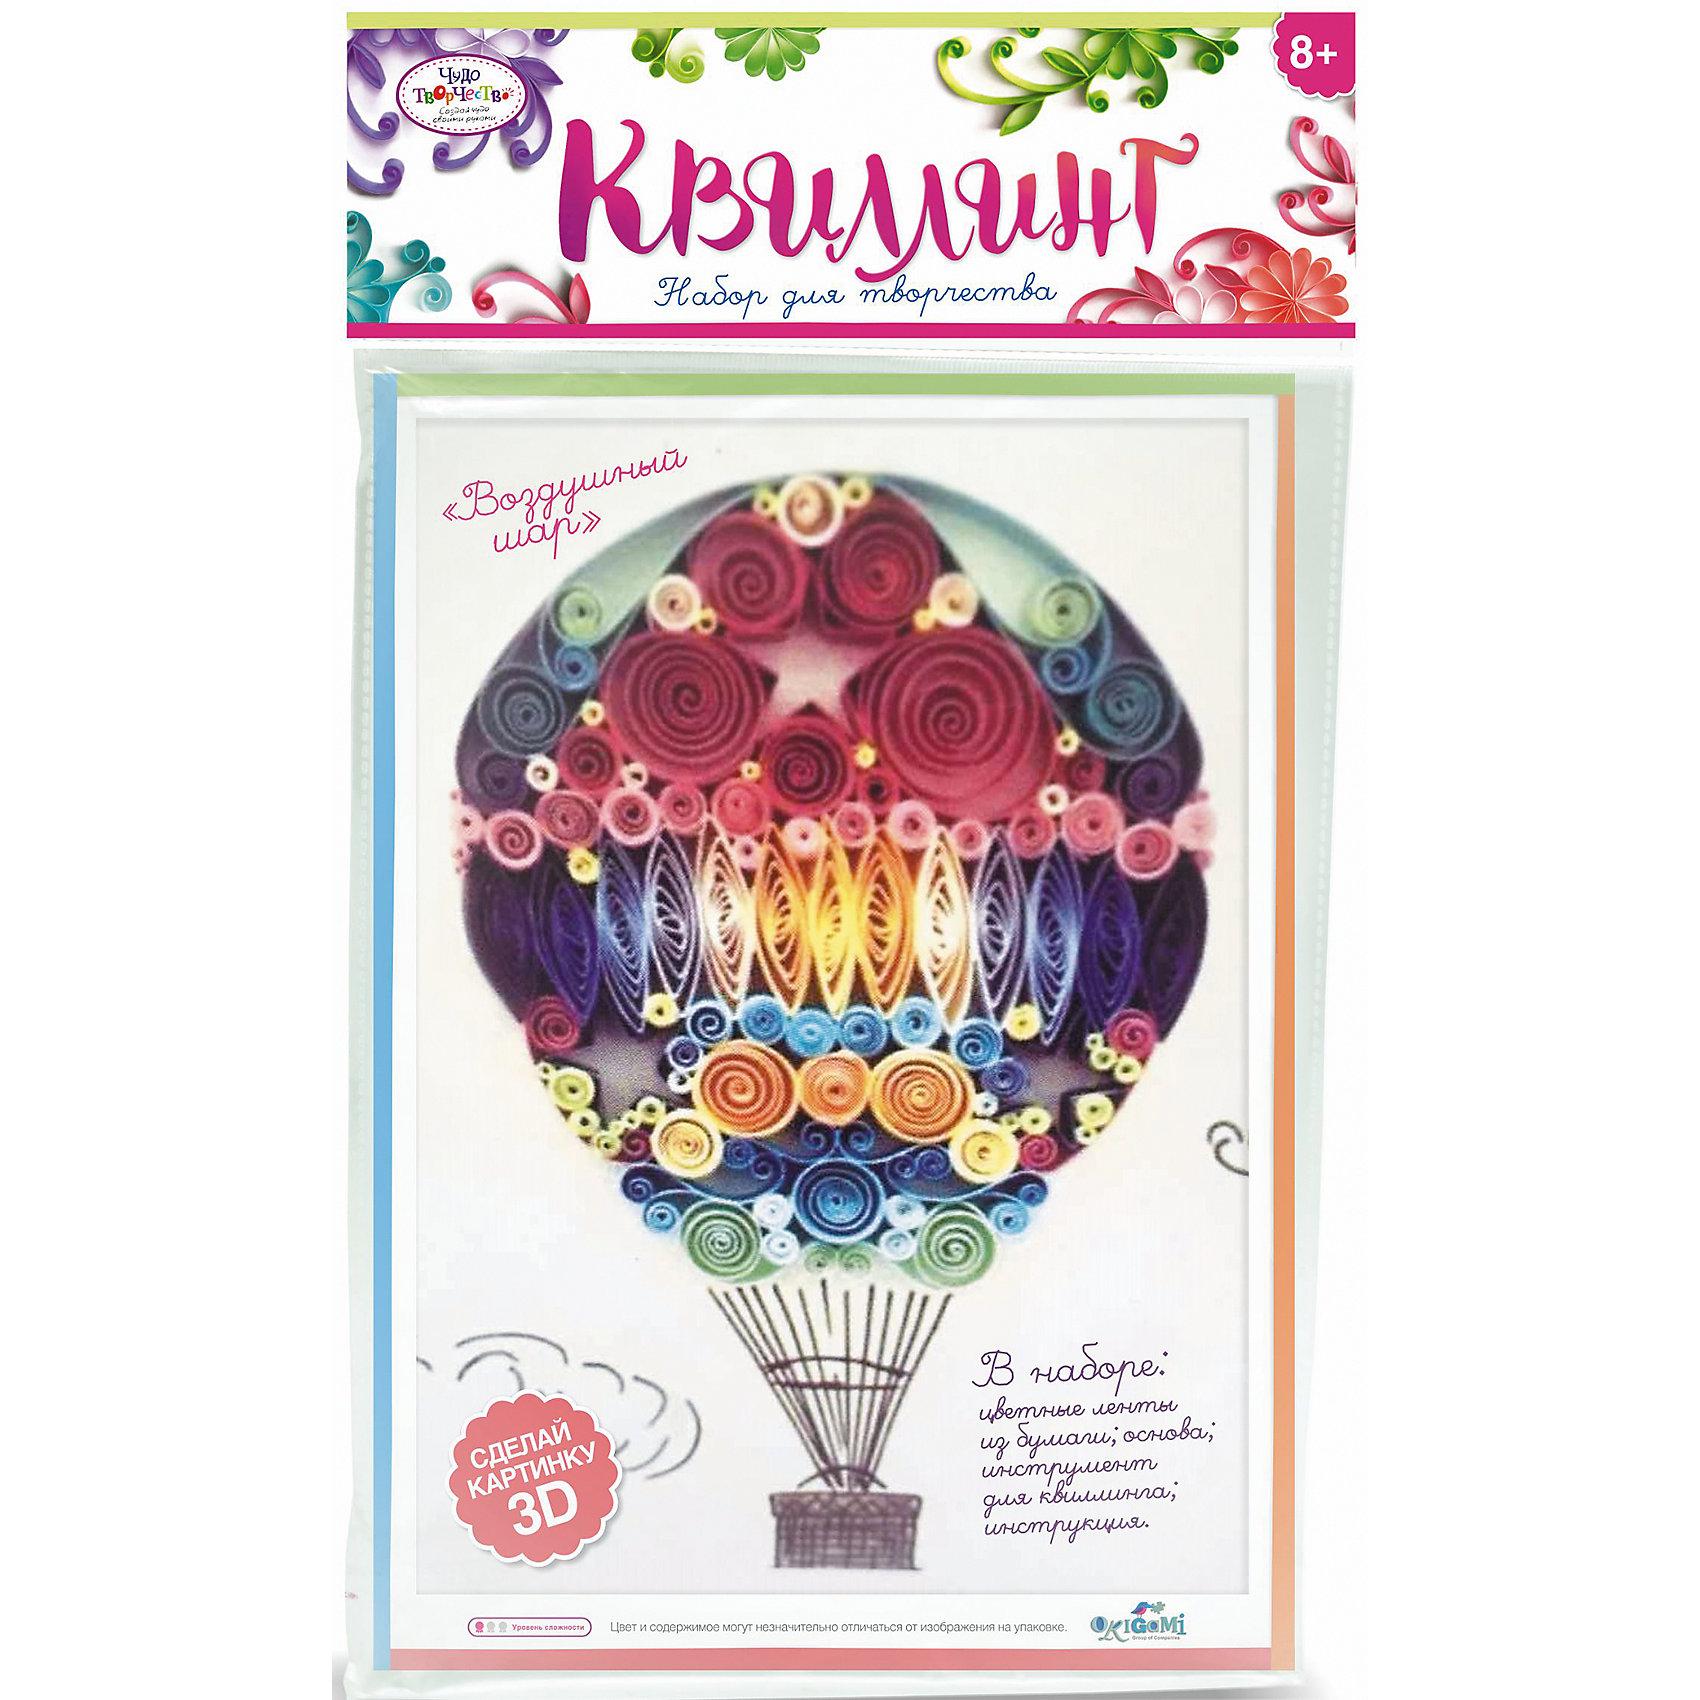 Набор для квиллинга «Воздушный шар»Бумага<br>Набор для квиллинга «Воздушный шар» от марки Origami<br><br>Отличный подарок для ребенка - набор для творчества. Он поможет самостоятельно сделать объемную аппликацию из бумаги. Делается это очень просто, а в результате получается красивая картина. <br>В процессе у ребенка развивается воображение, художественный вкус и мелкая моторика. Получившийся результат поможет ему поверить в свои силы! Набор сделан из безопасных для ребенка материалов.<br><br>Особенности изделия:<br><br>состав - бумага, картон, дерево;<br>цвет - разноцветный;<br>упаковка - конверт с хедером;<br>размер упаковки - 0.5 x 36 x 21.5 см.<br><br>Комплектация: <br><br>основа-шаблон;<br>разноцветные бумажные ленты для квиллинга);<br>палочка для накручивания.<br><br>Набор для квиллинга «Воздушный шар» от марки Origami можно купить в нашем магазине.<br><br>Ширина мм: 215<br>Глубина мм: 360<br>Высота мм: 5<br>Вес г: 23<br>Возраст от месяцев: 96<br>Возраст до месяцев: 192<br>Пол: Женский<br>Возраст: Детский<br>SKU: 4658557